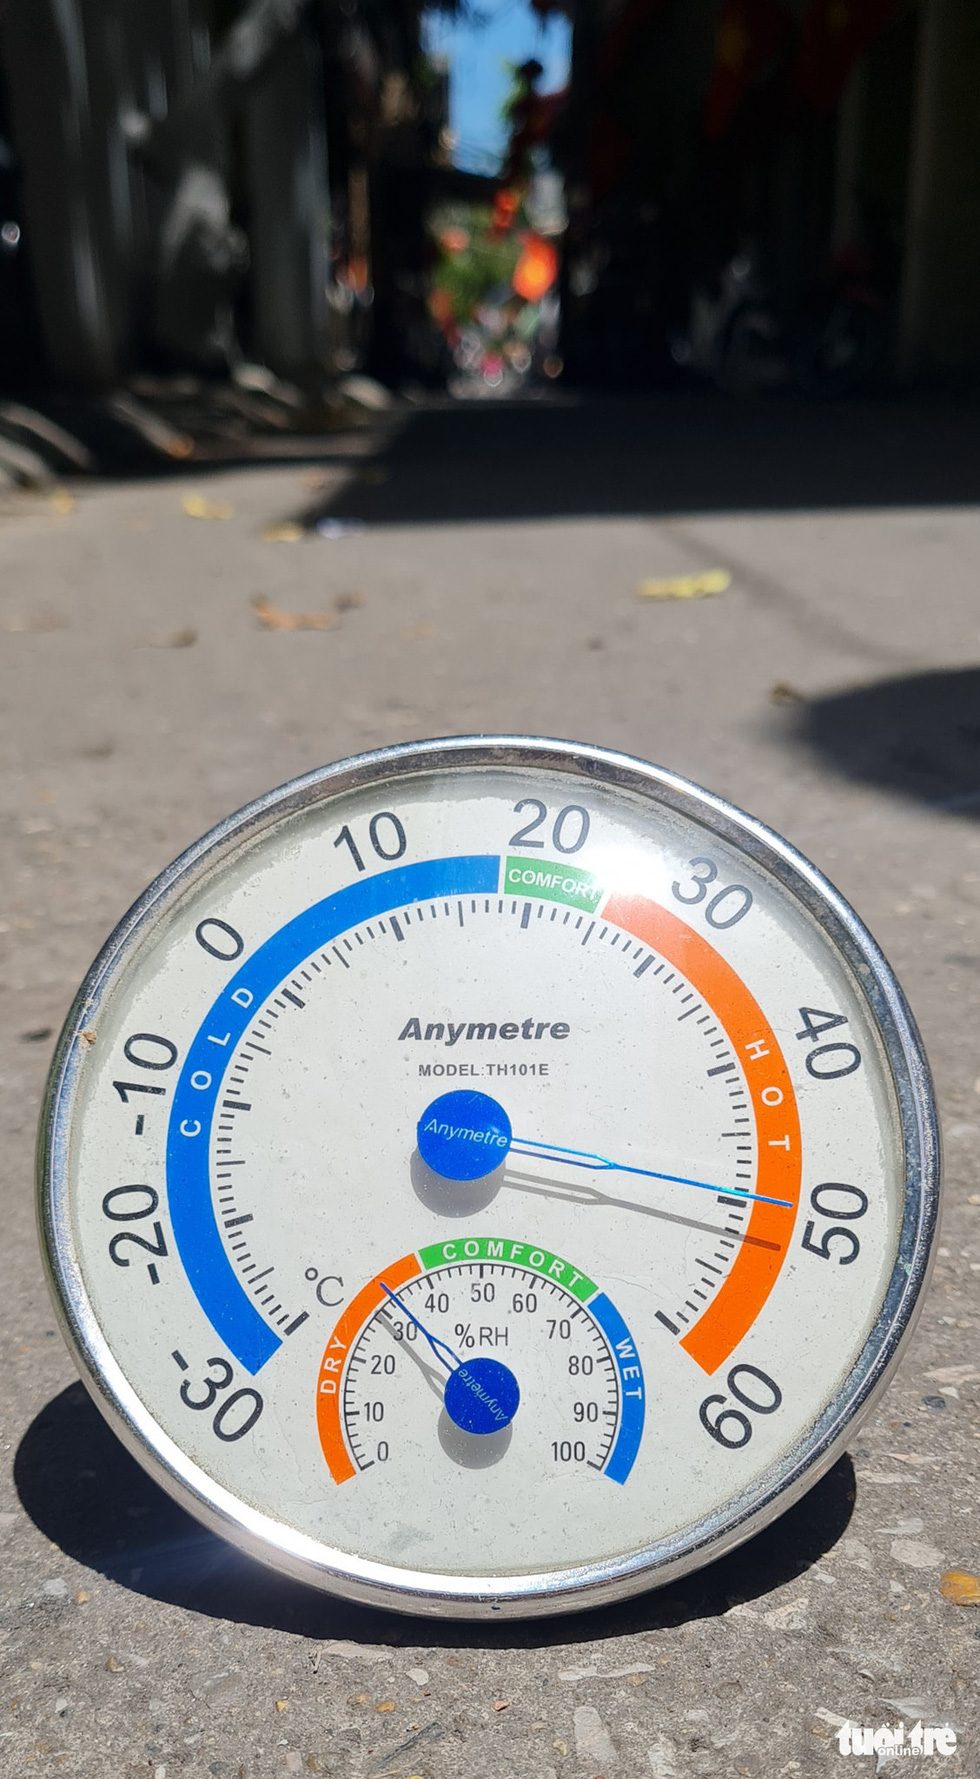 Bắc Bộ đang nắng nóng gay gắt nhất năm 2021? - Ảnh 2.